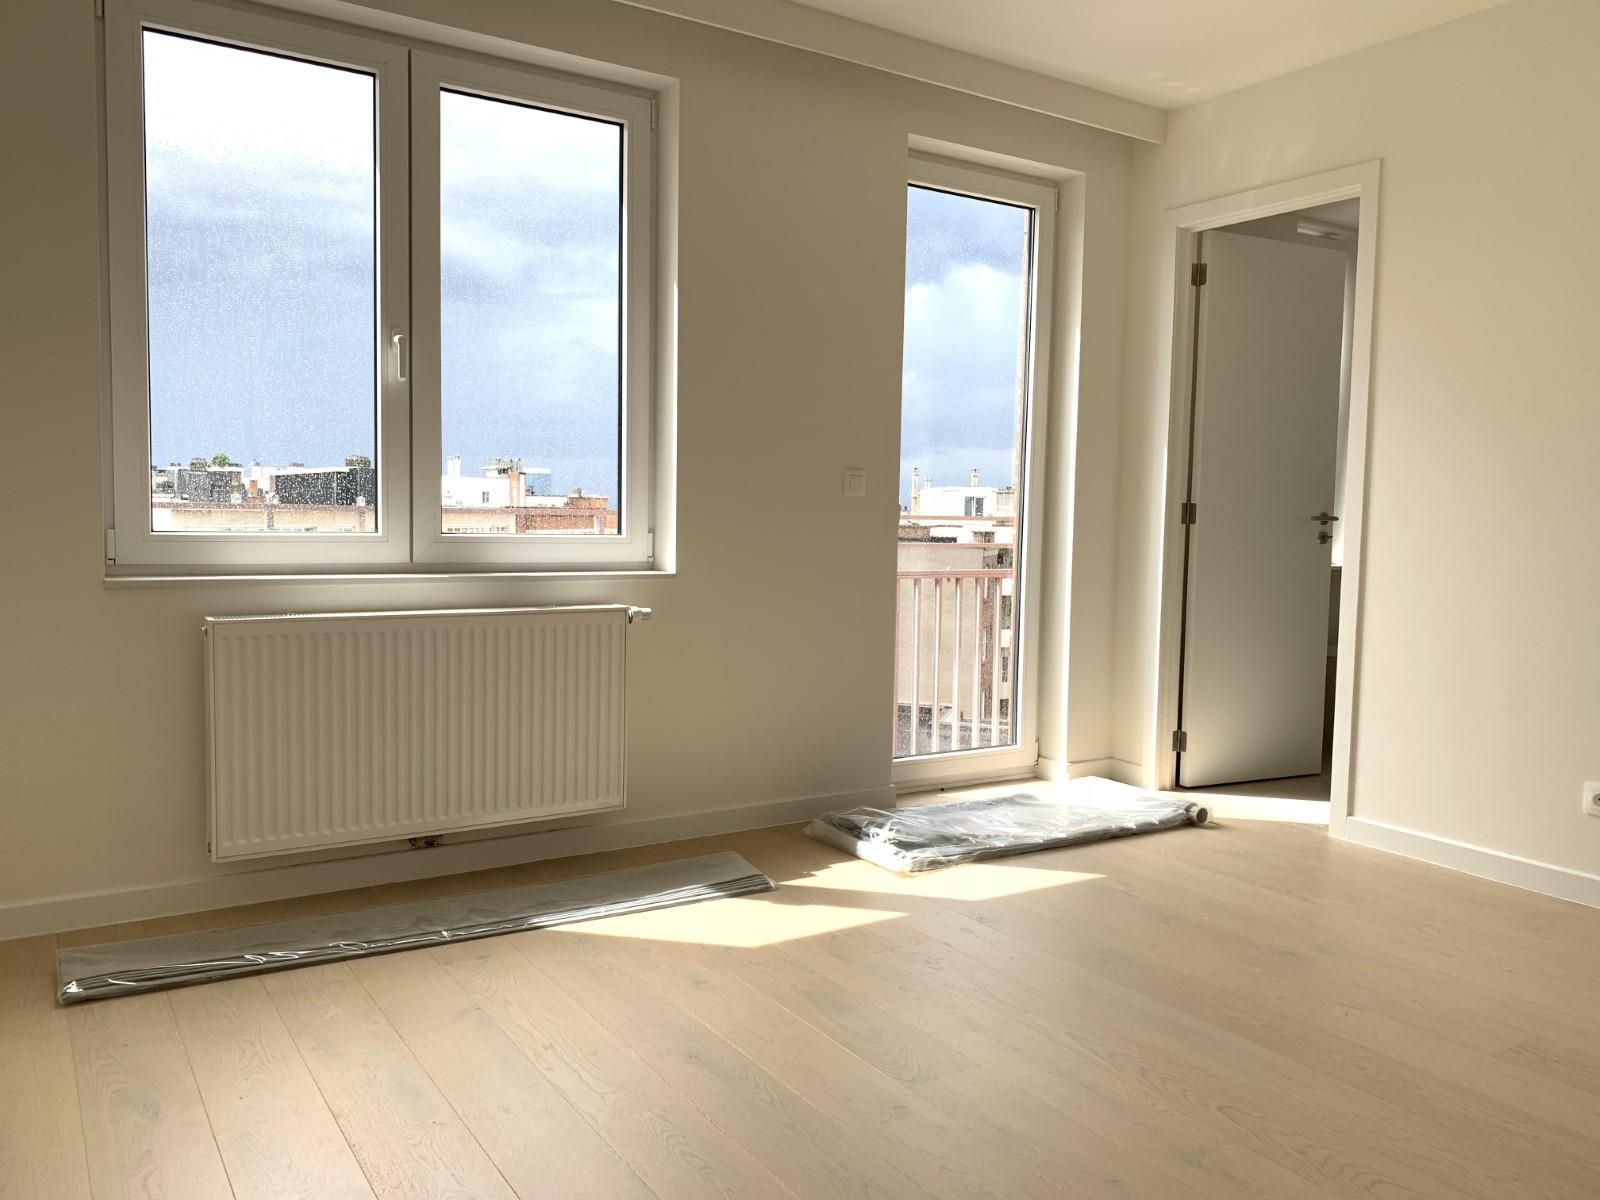 Uitzonderlijk appartement - Schaerbeek - #3964914-18